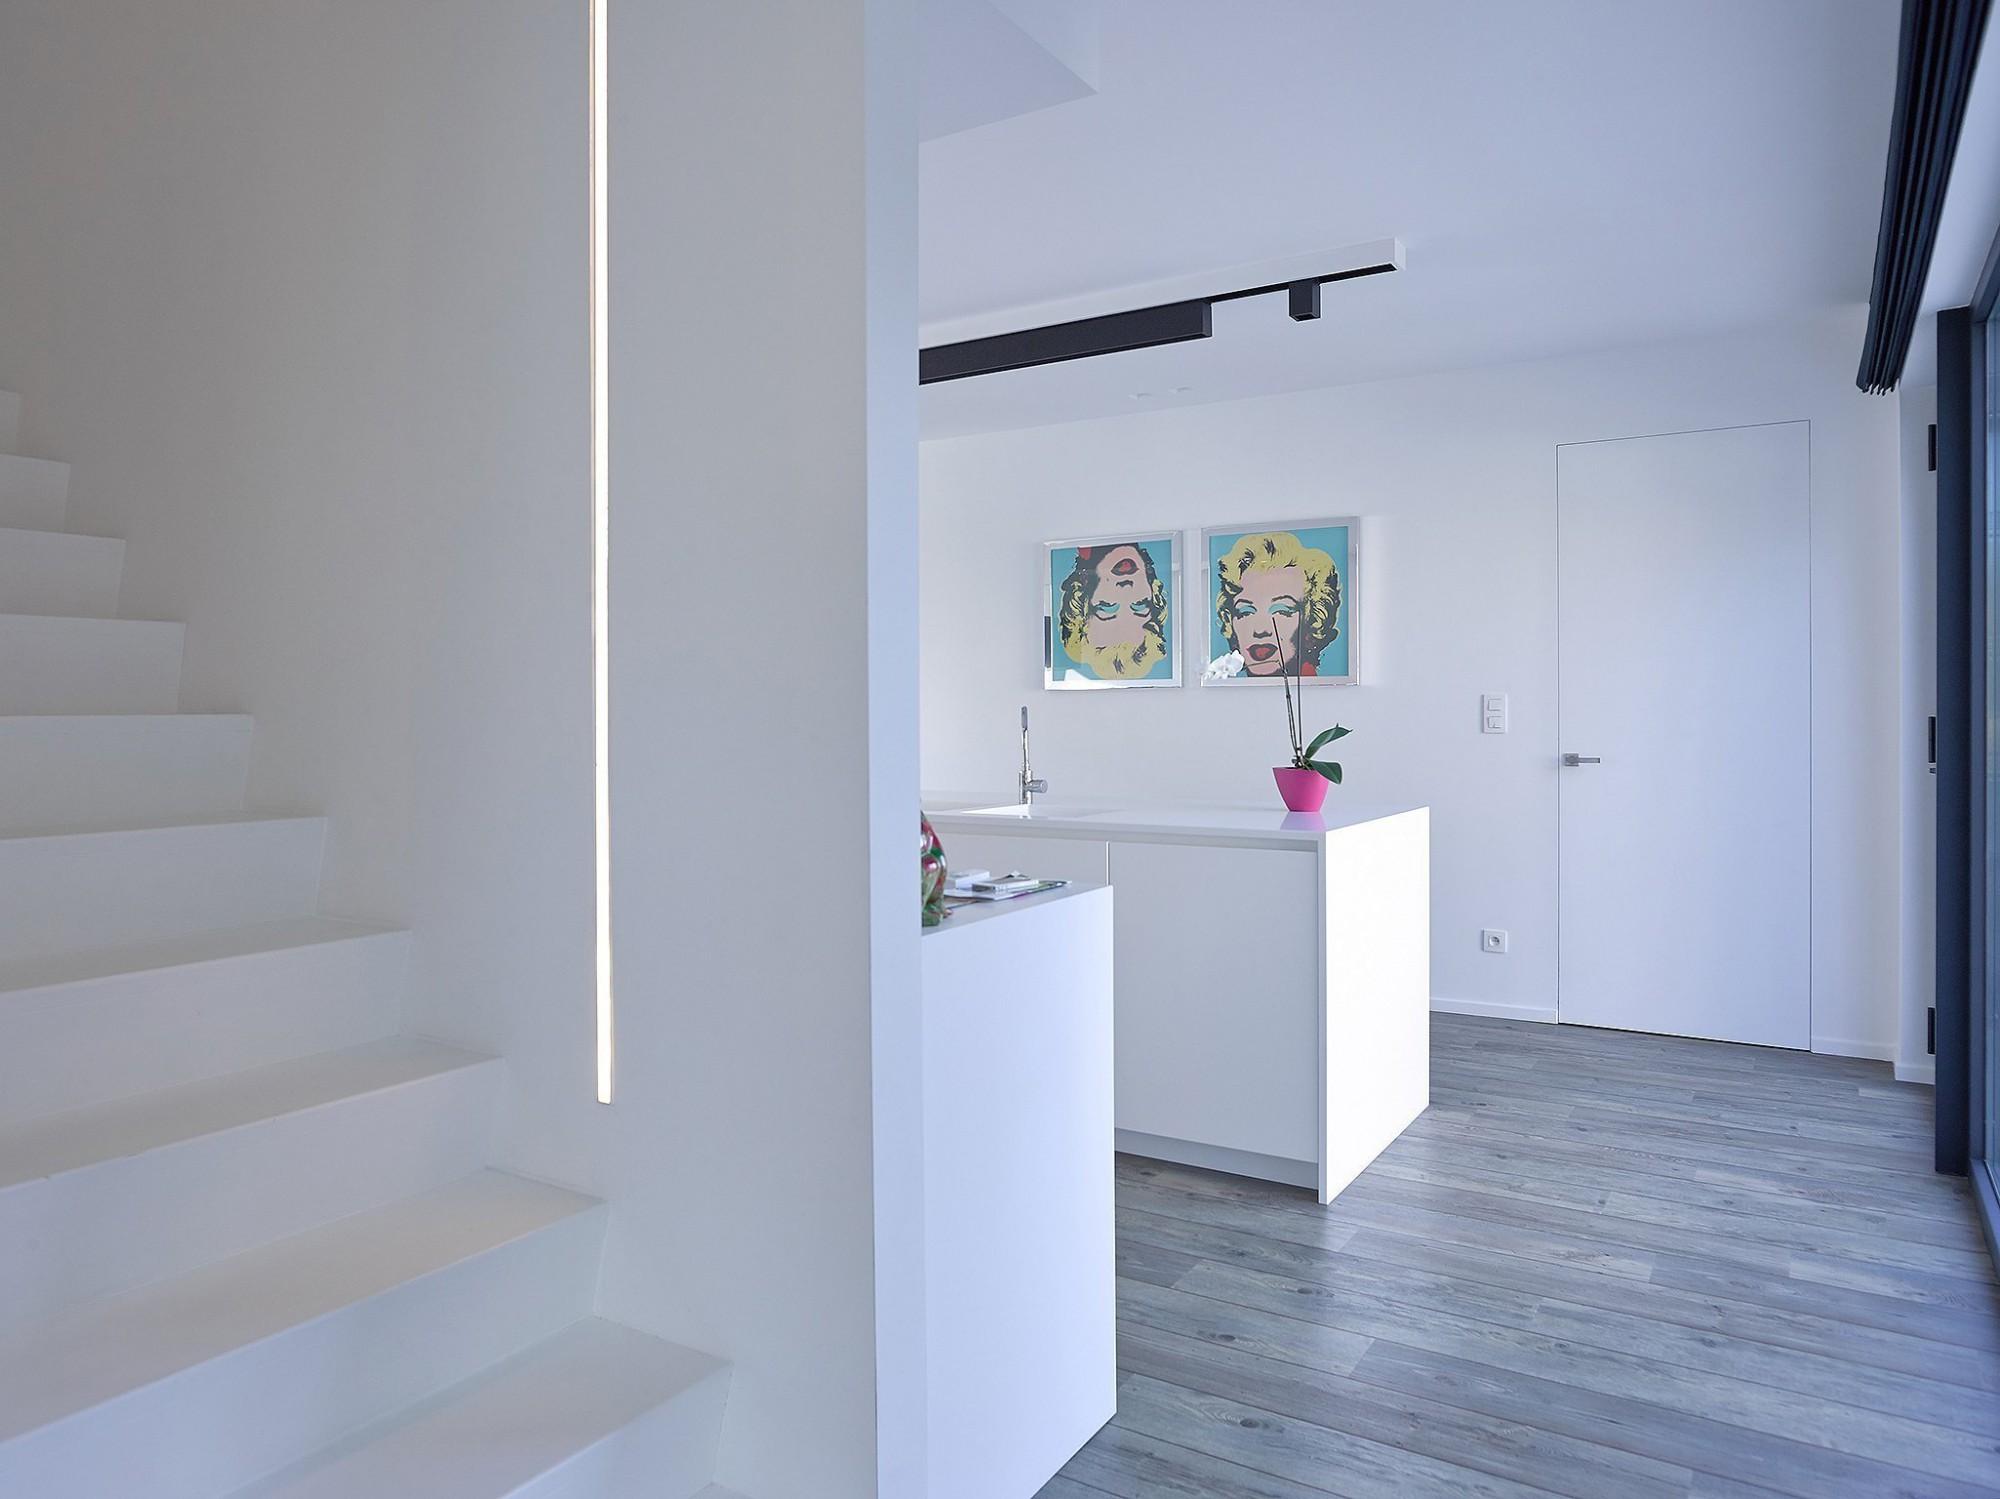 Keuken Met Trap : Decoratie trap elegant eettafel decoratie best fijnste keuken